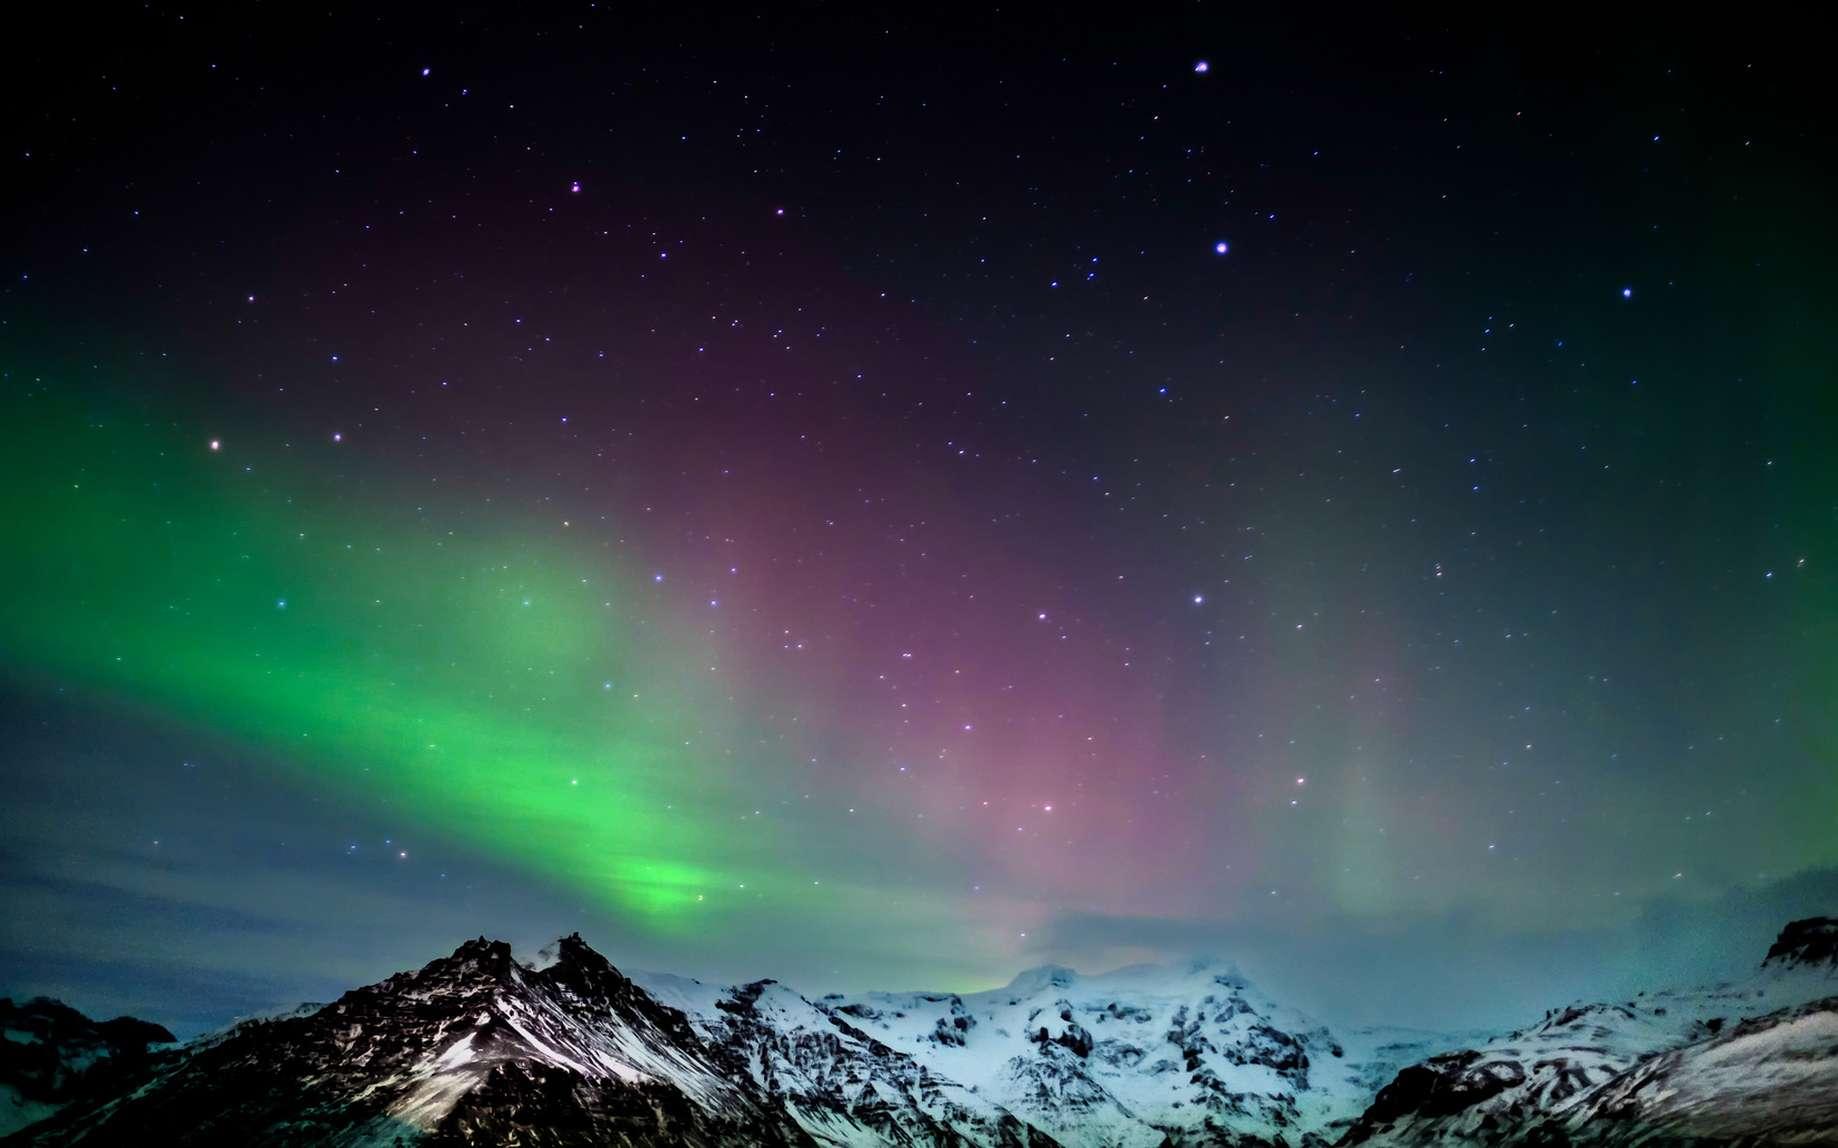 Aurore boréale qui embrase le ciel du sud de l'Islande. © philipbird123, fotolia